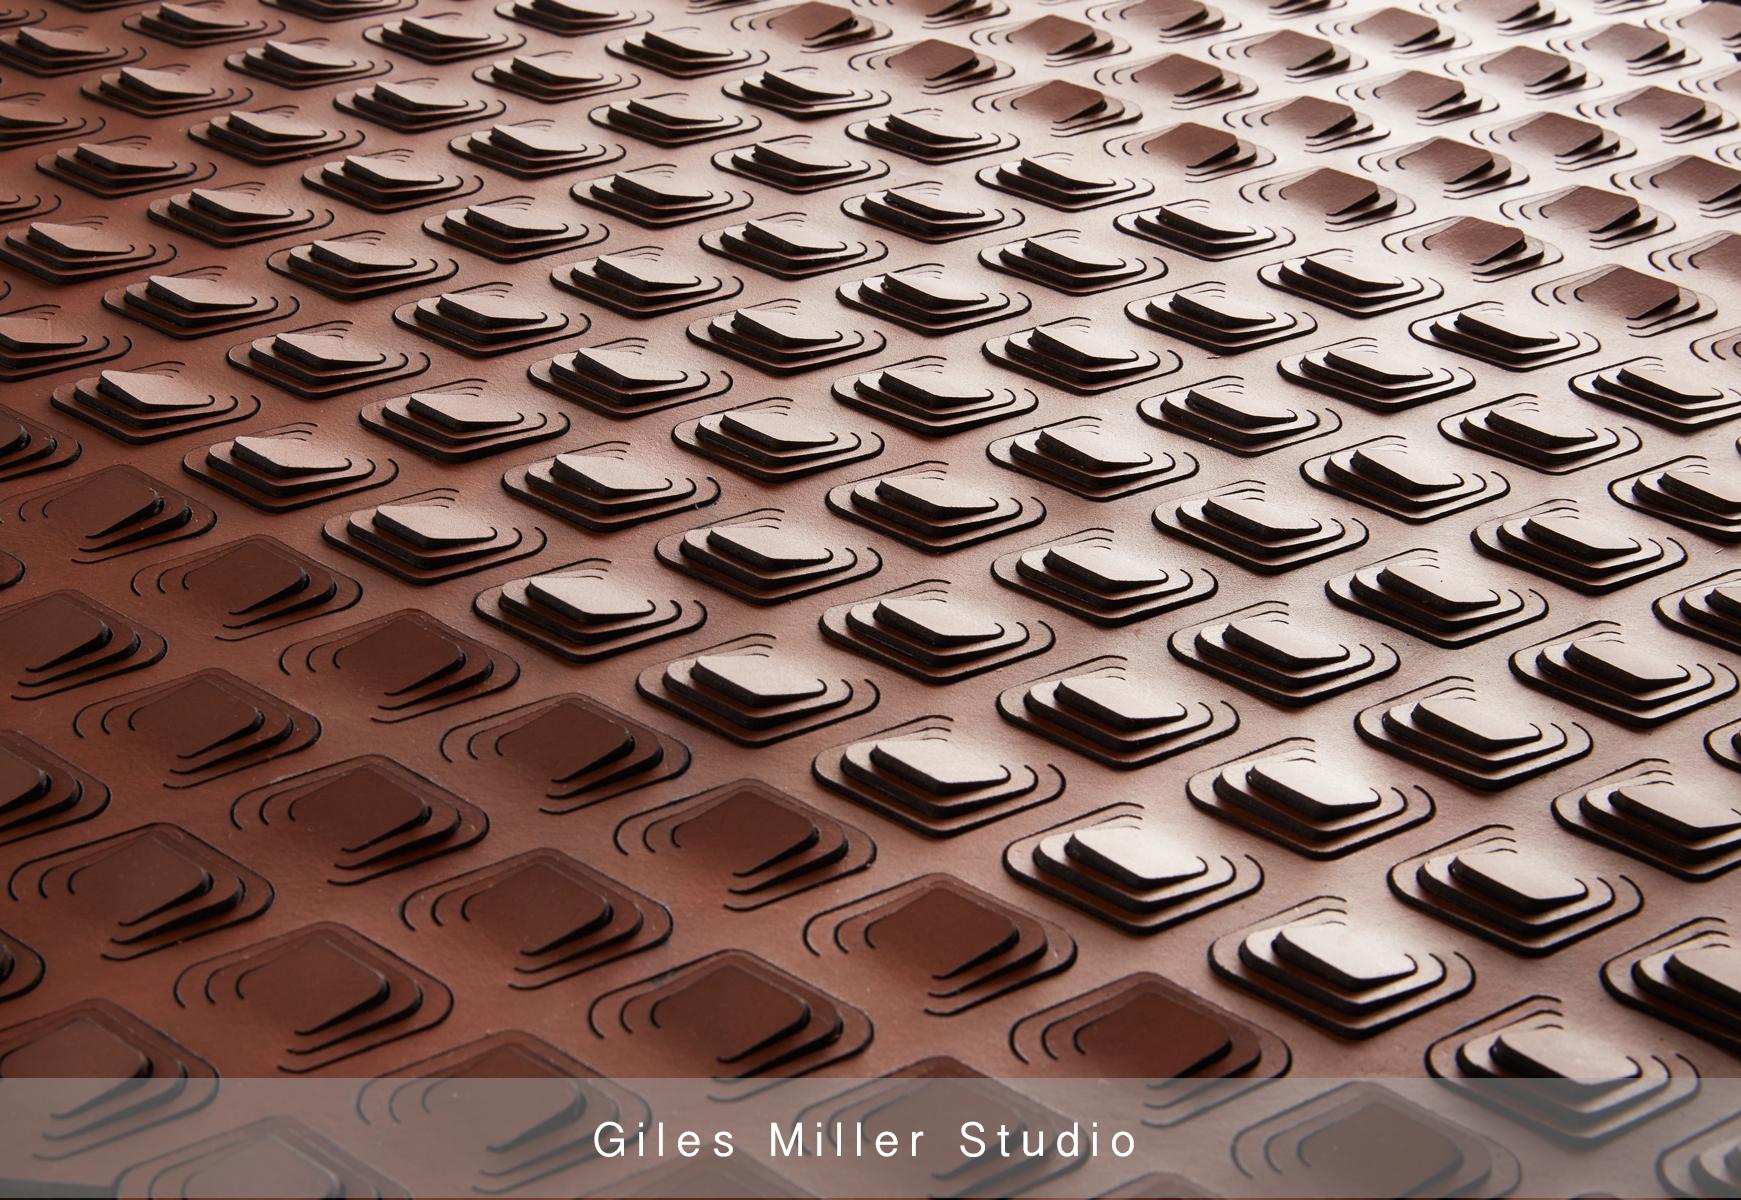 SliderImageGilesMillerStudio_HemsworthLeather_1.jpg